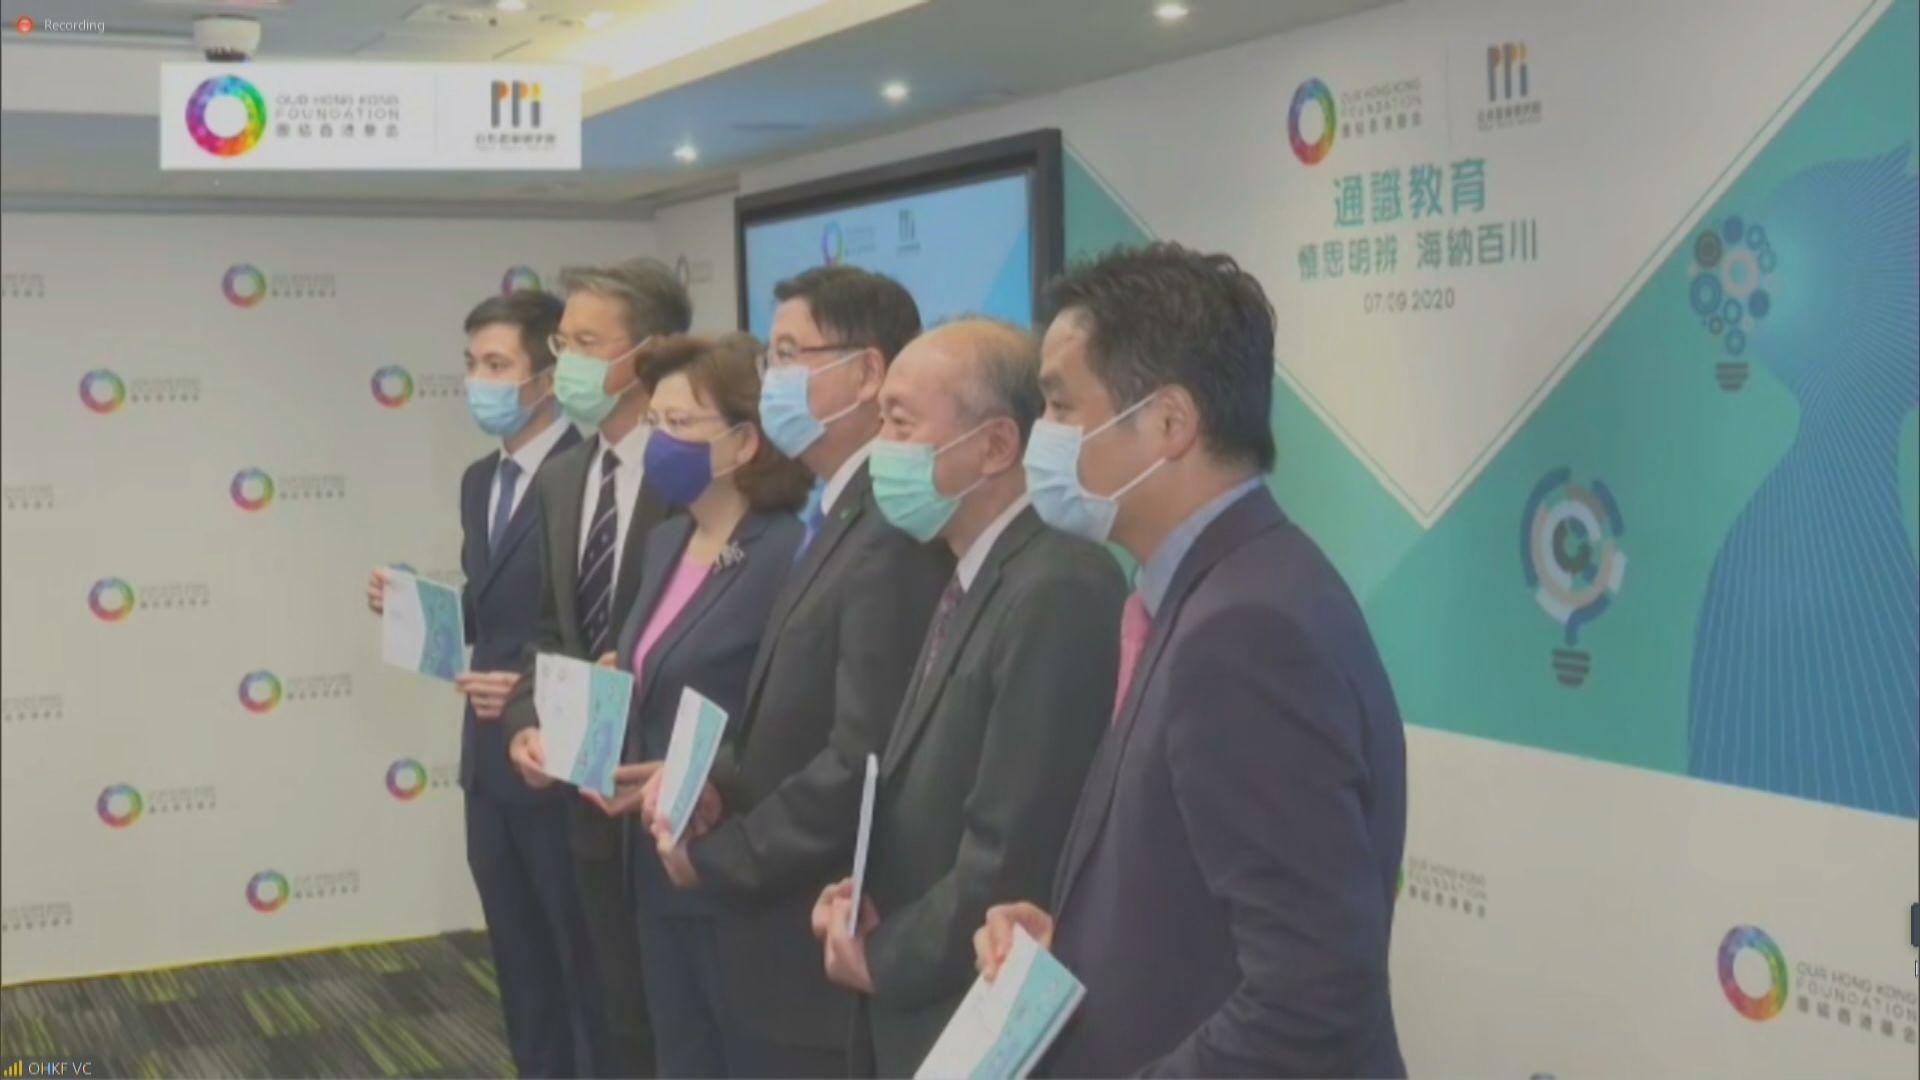 團結香港基金倡通識科改革 只評及格和不及格